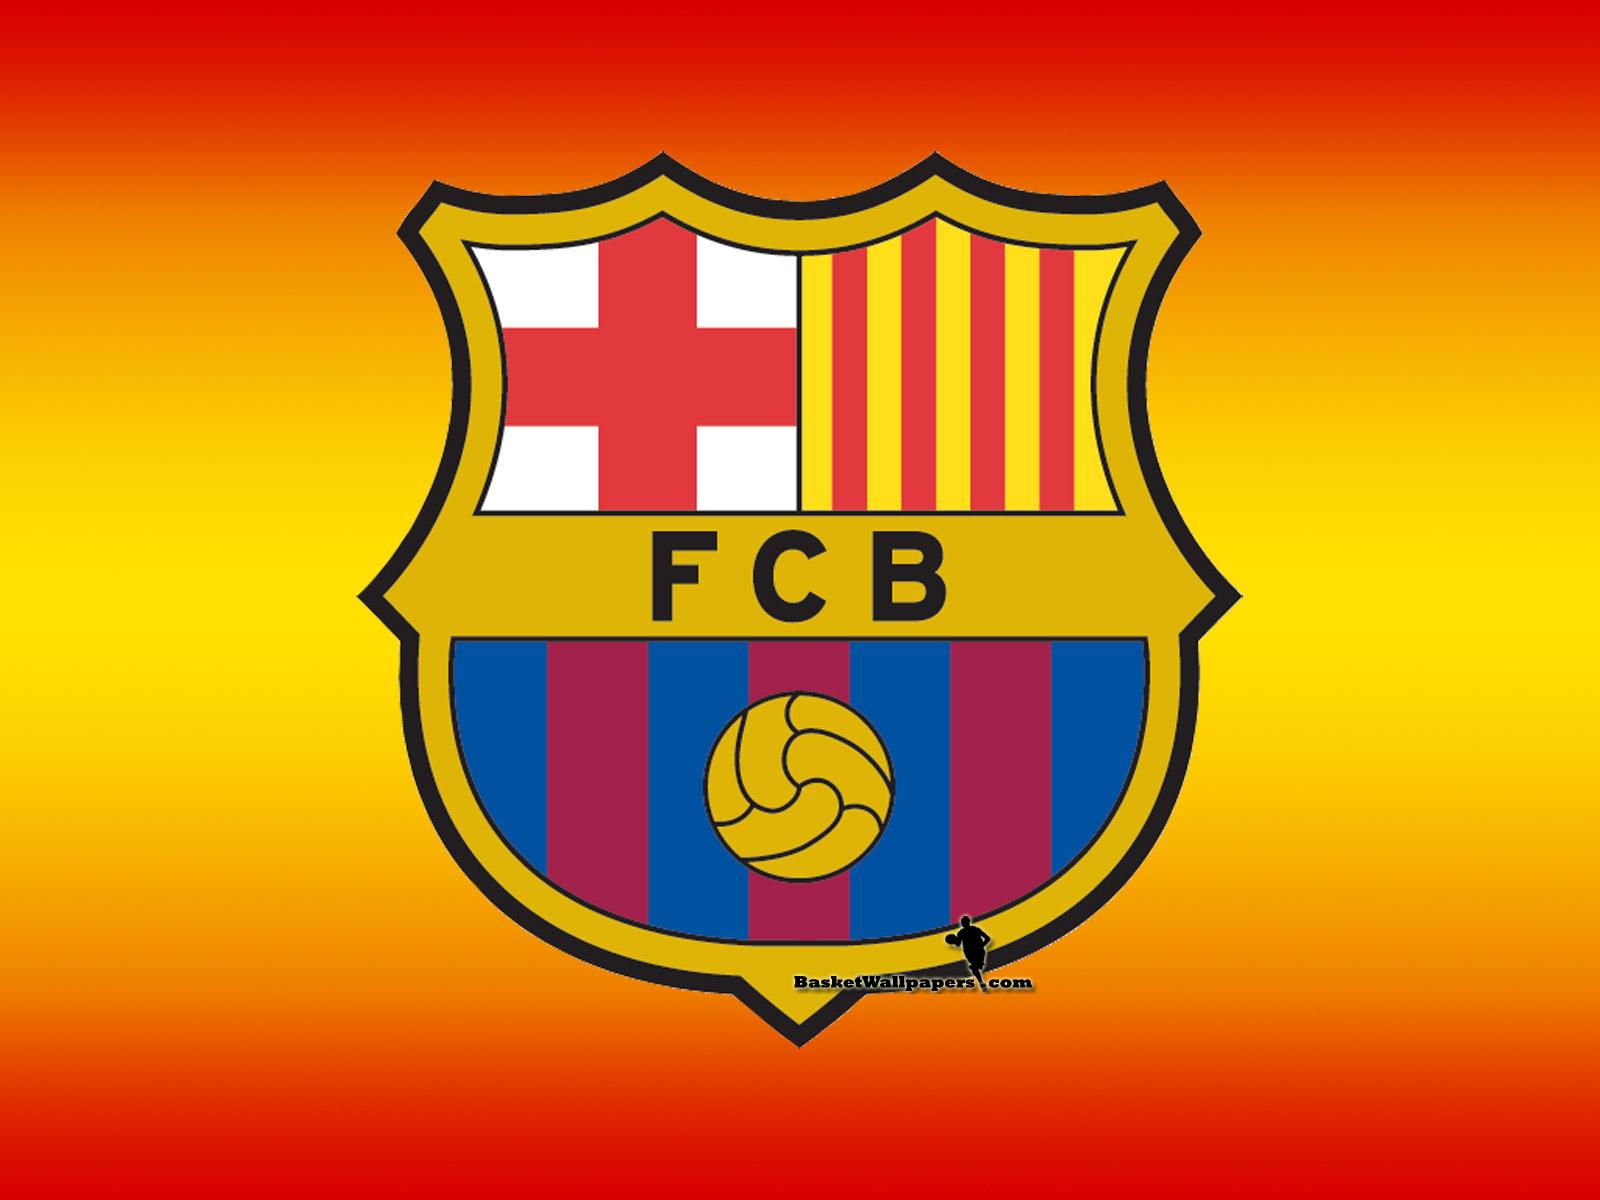 http://2.bp.blogspot.com/-sqT_a846XQg/T3hmCRwoiUI/AAAAAAAAANE/50AX_x04PZY/s1600/blogspot_wallpaper_barcelona-.jpg